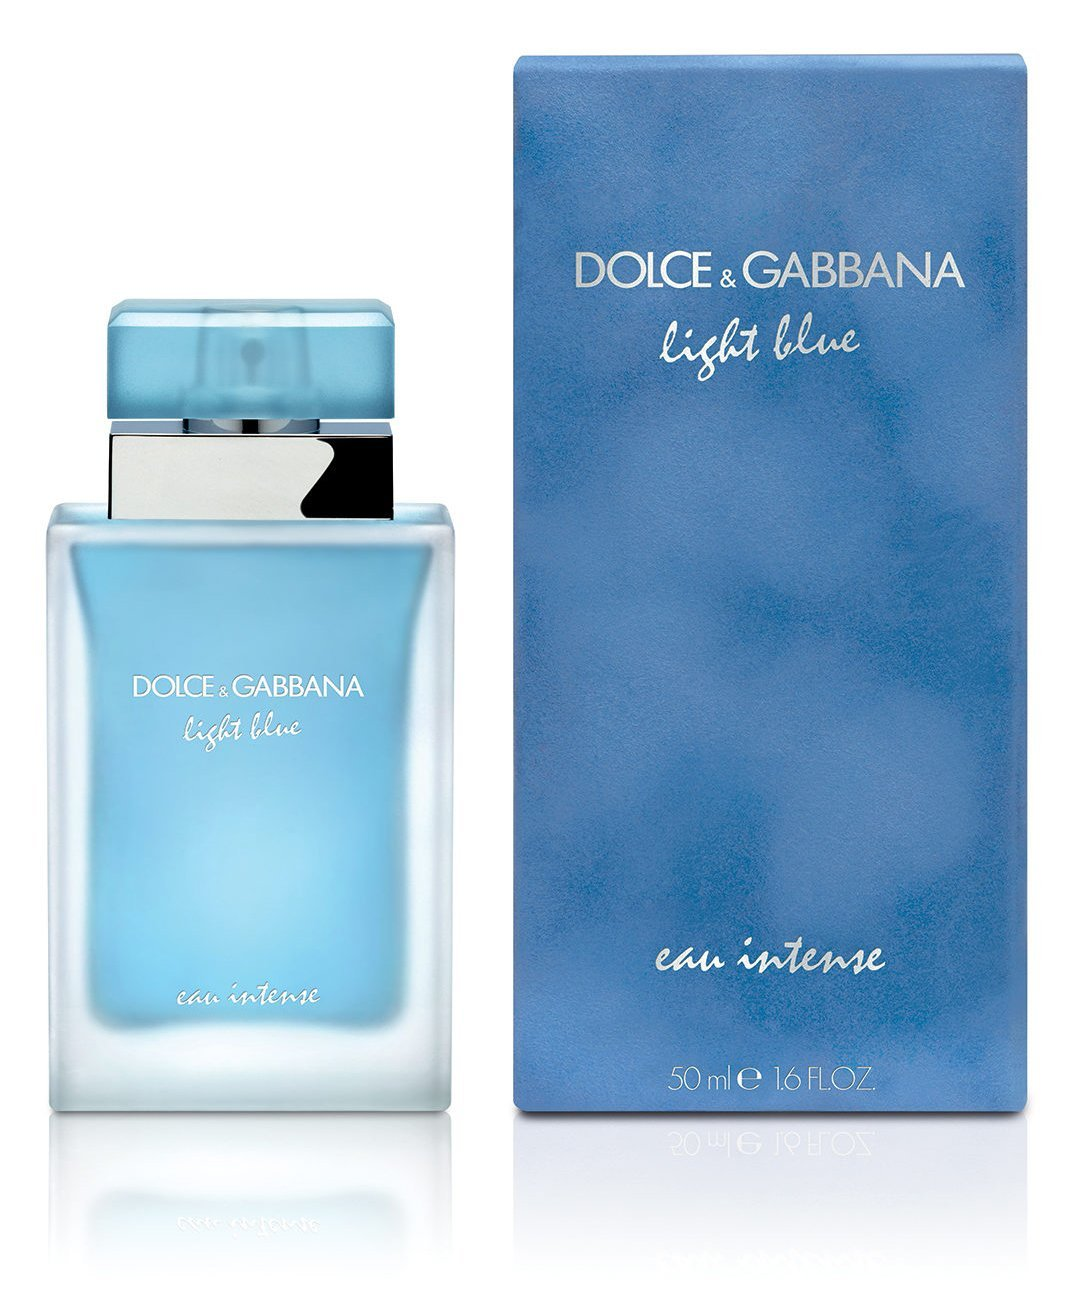 Dolce Amp Gabbana Light Blue Eau Intense Reviews